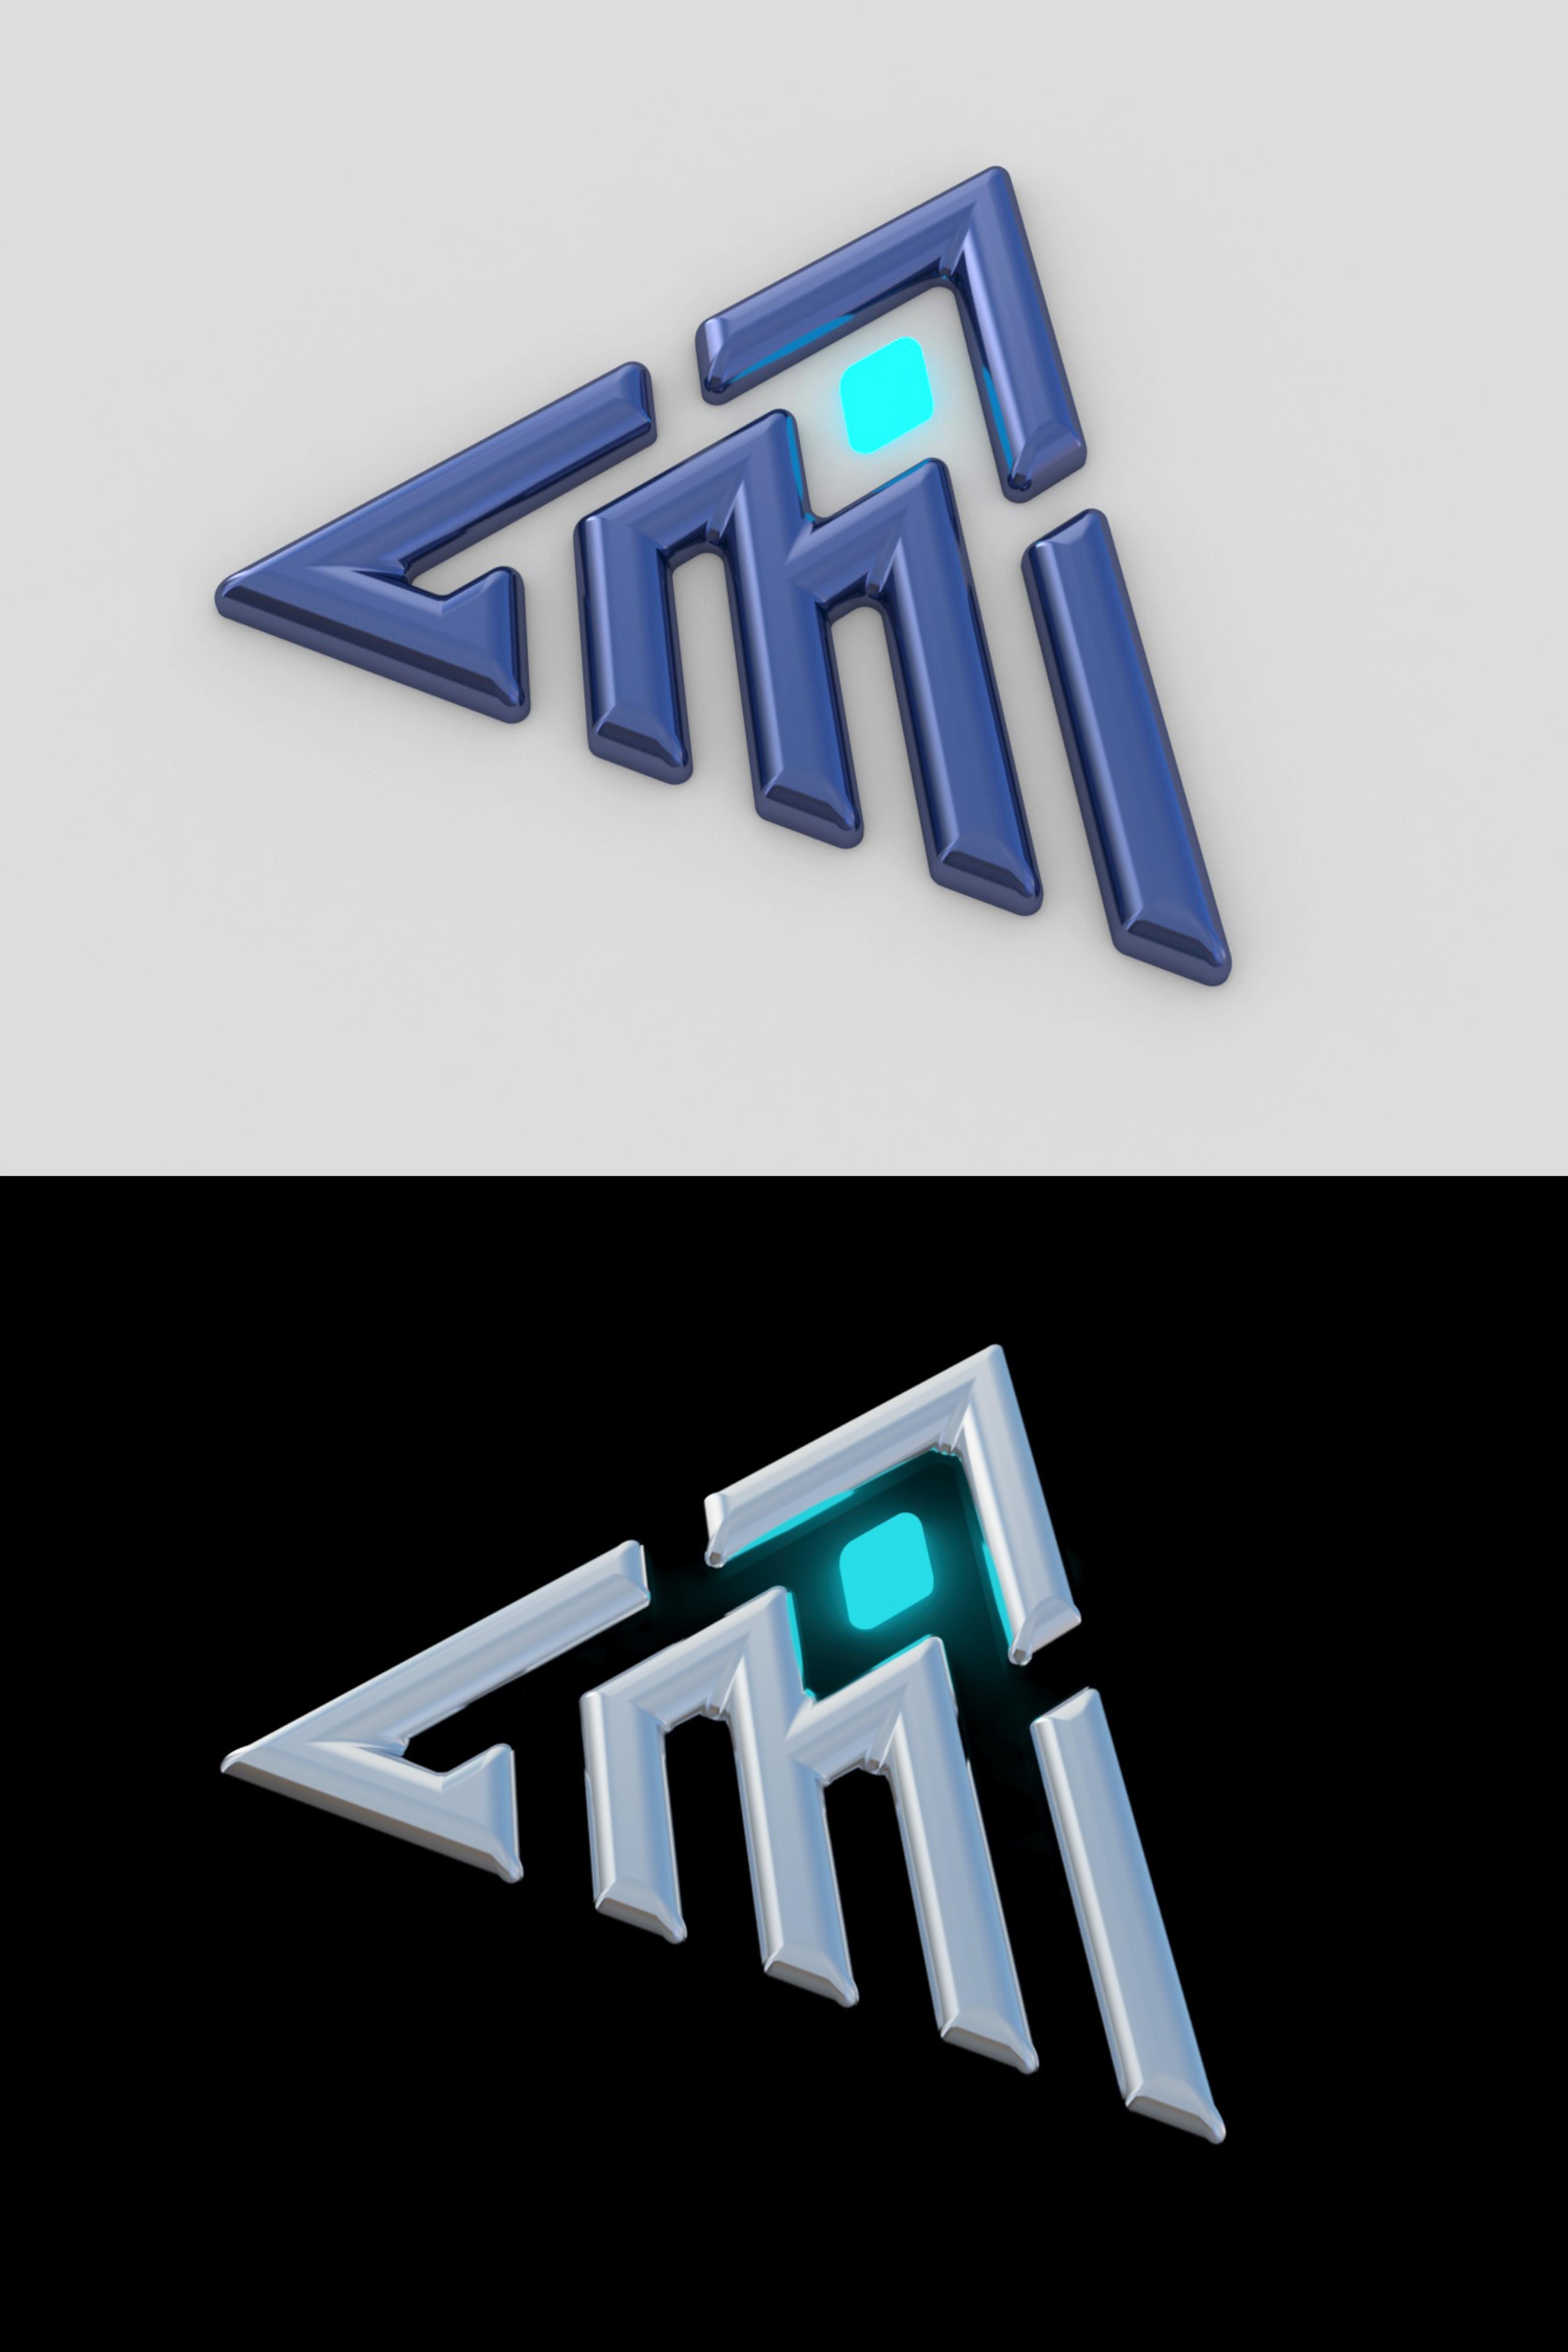 Разработка логотипа и фона фото f_0195996bceb6dc49.jpg